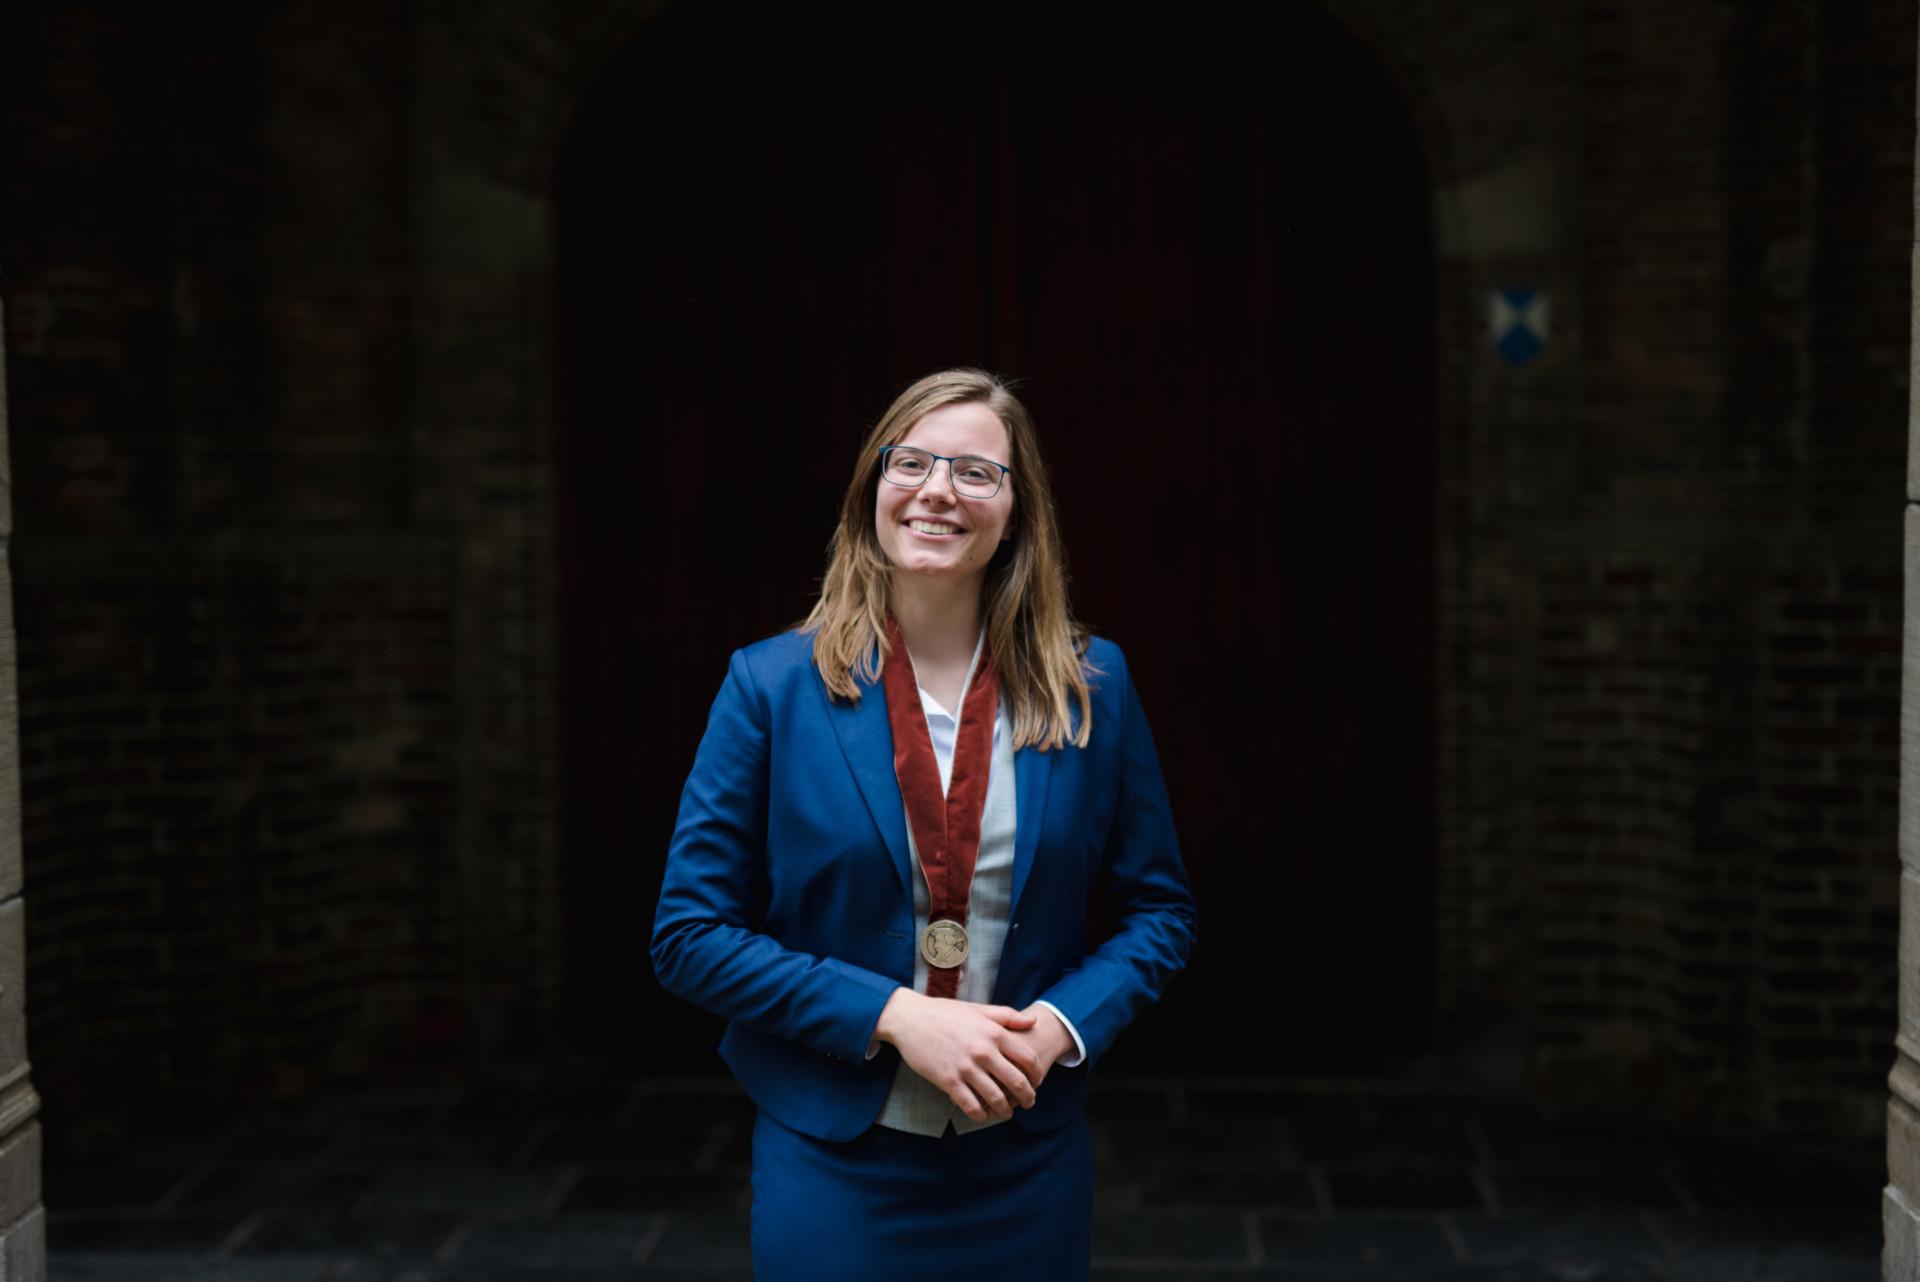 Angeline Meijer